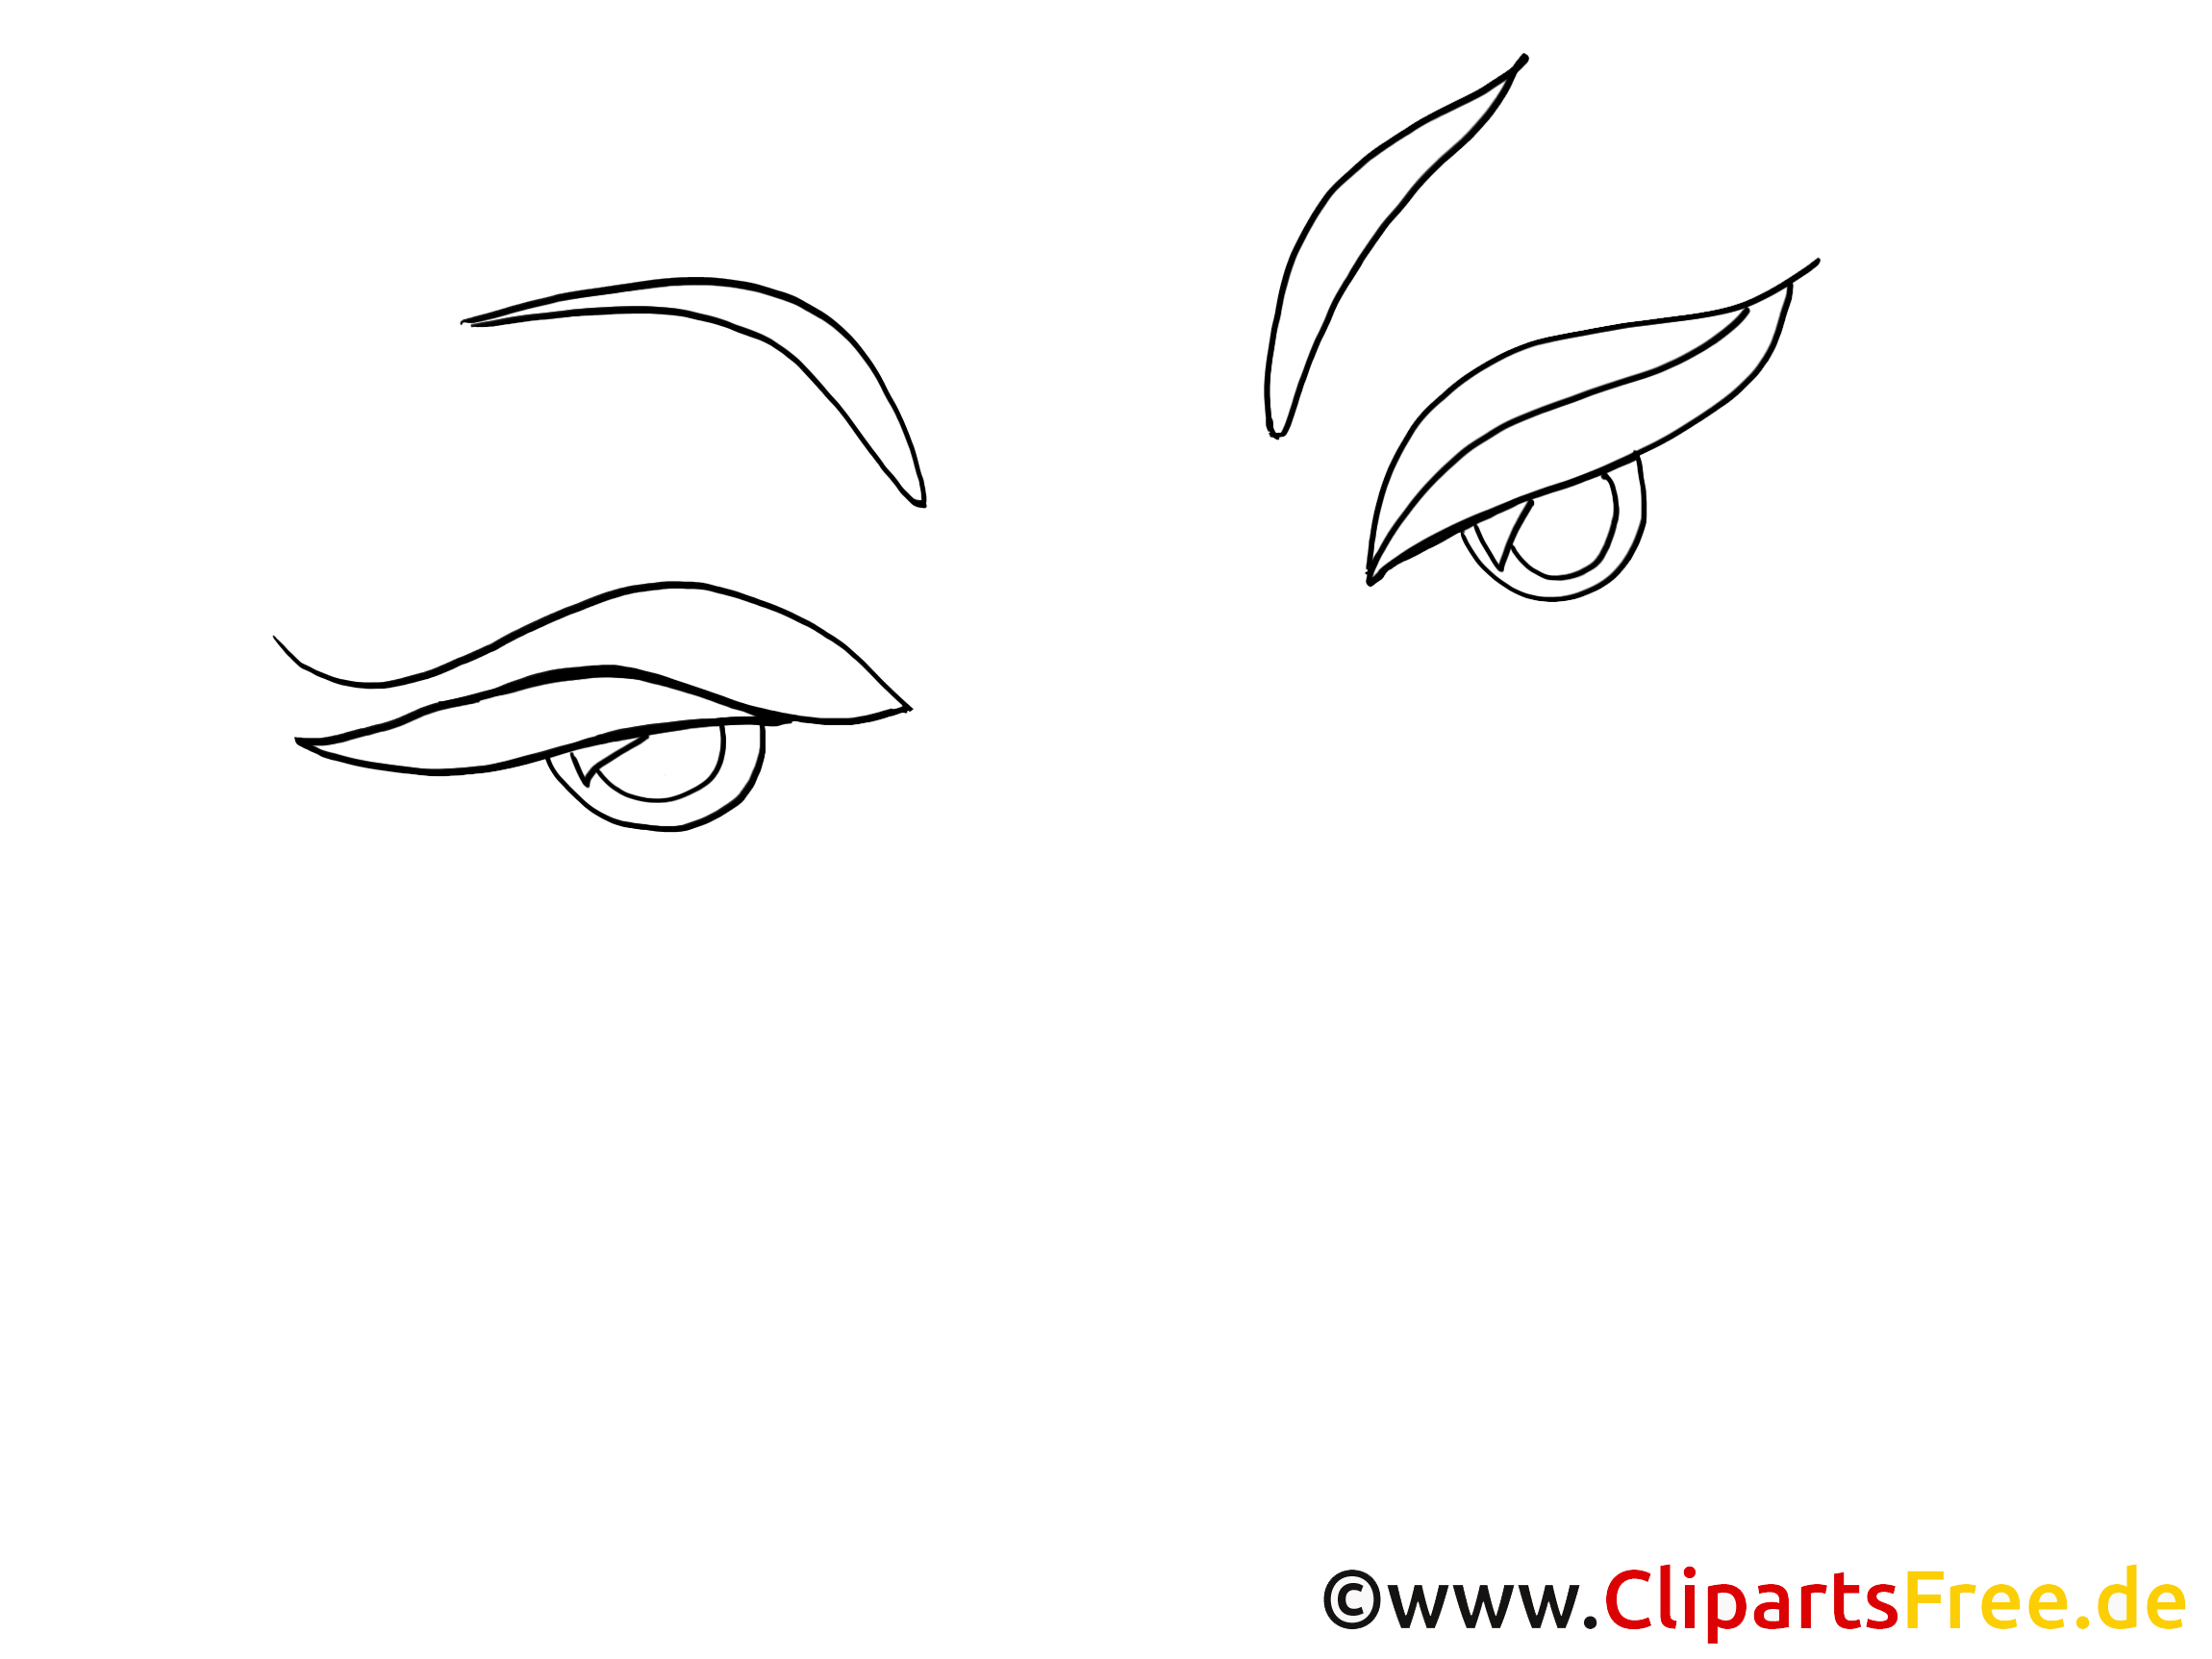 Femme yeux dessins – Dessin images